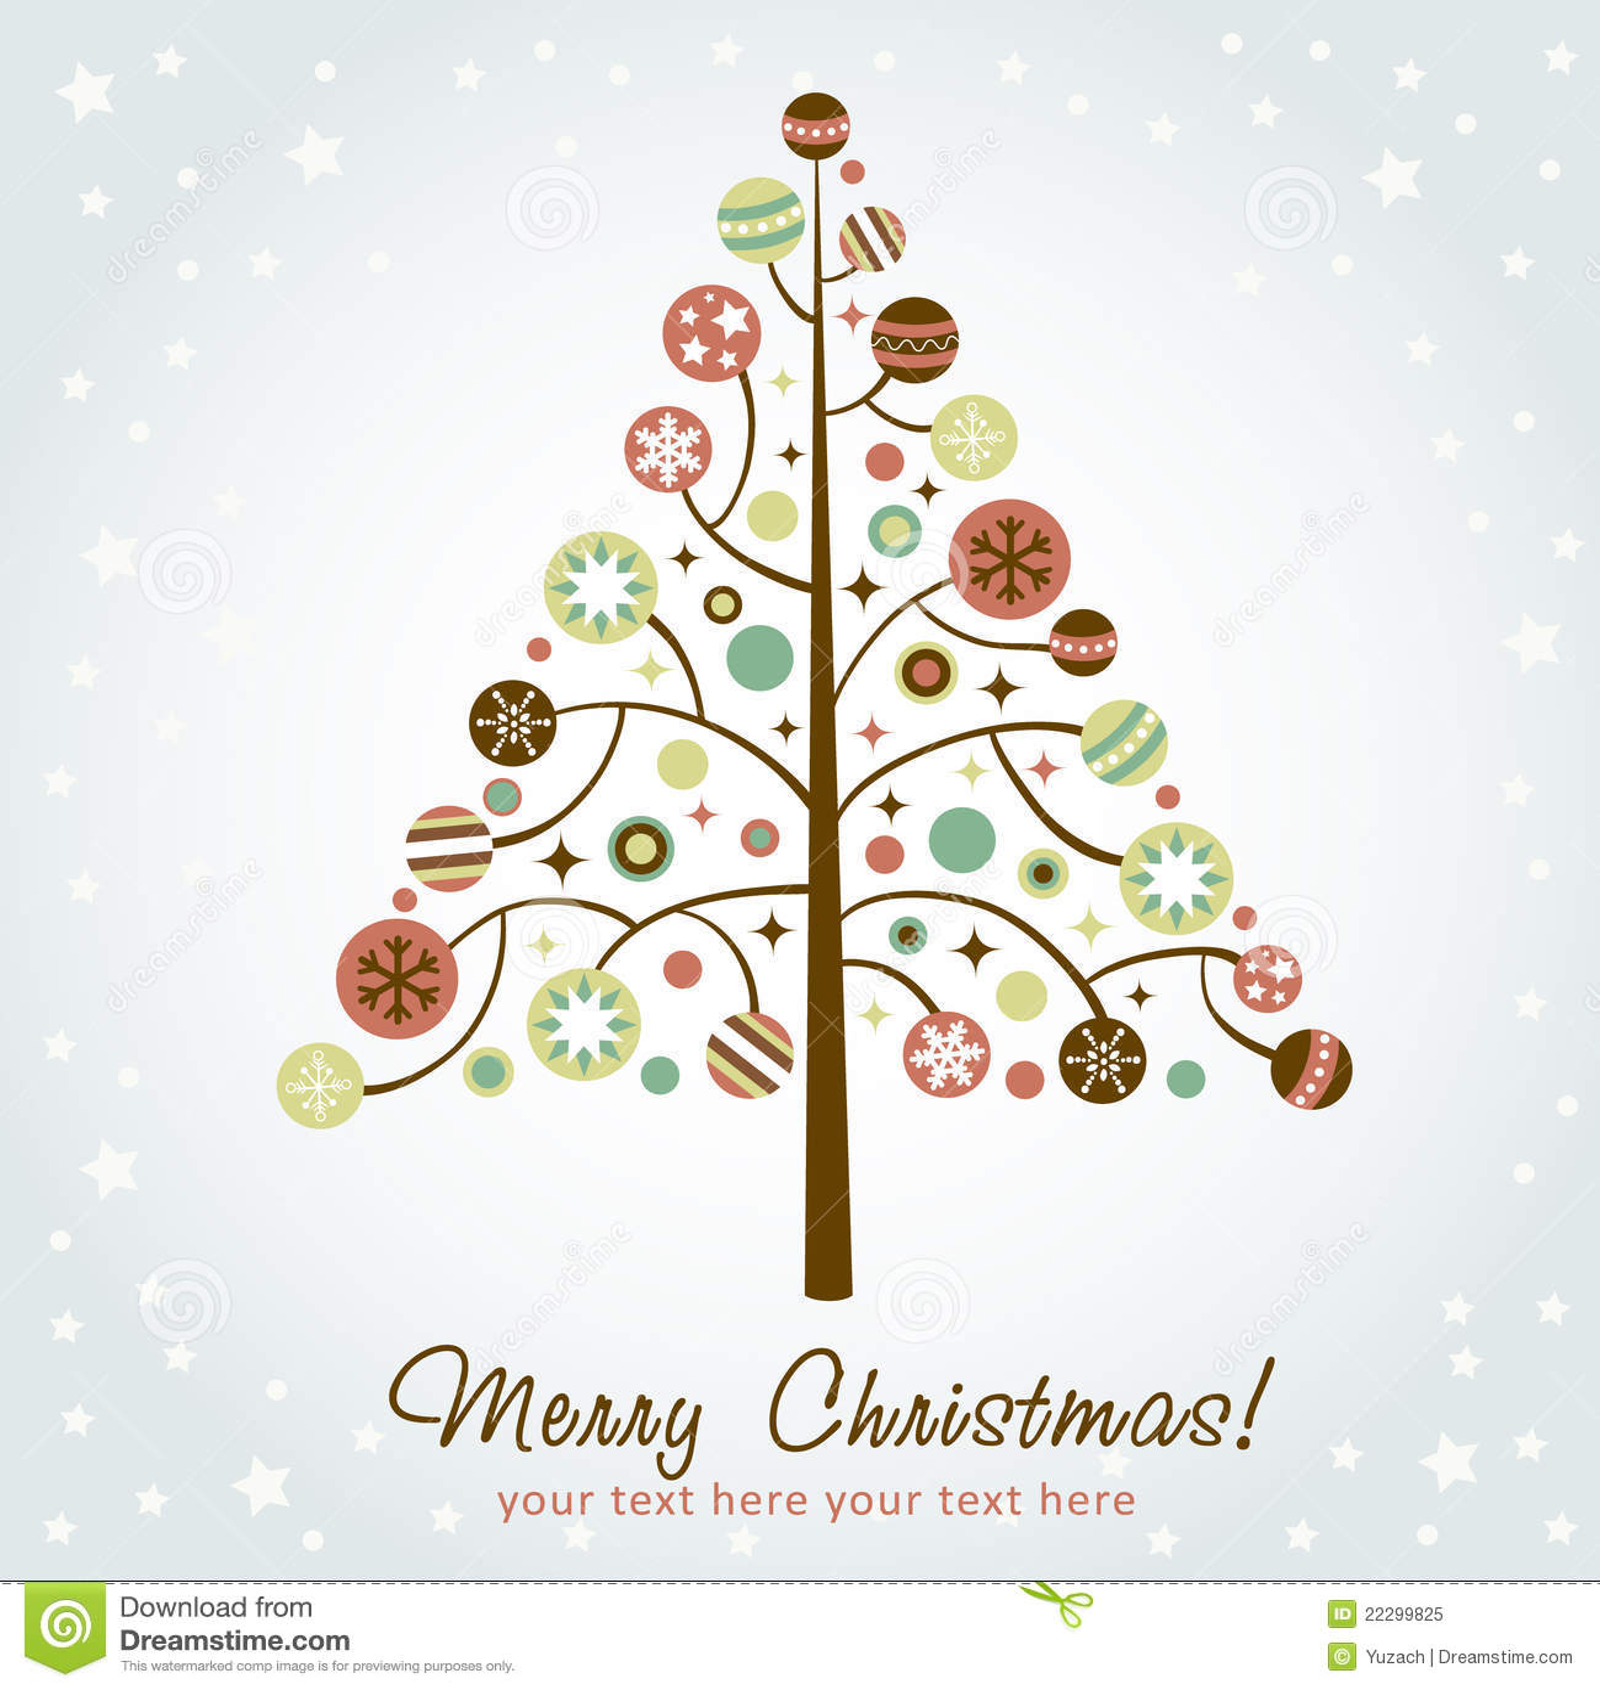 Rbol de navidad estilizado del dise o ilustraci n del vector ilustraci n de fantas a holiday Disenos de arboles de navidad